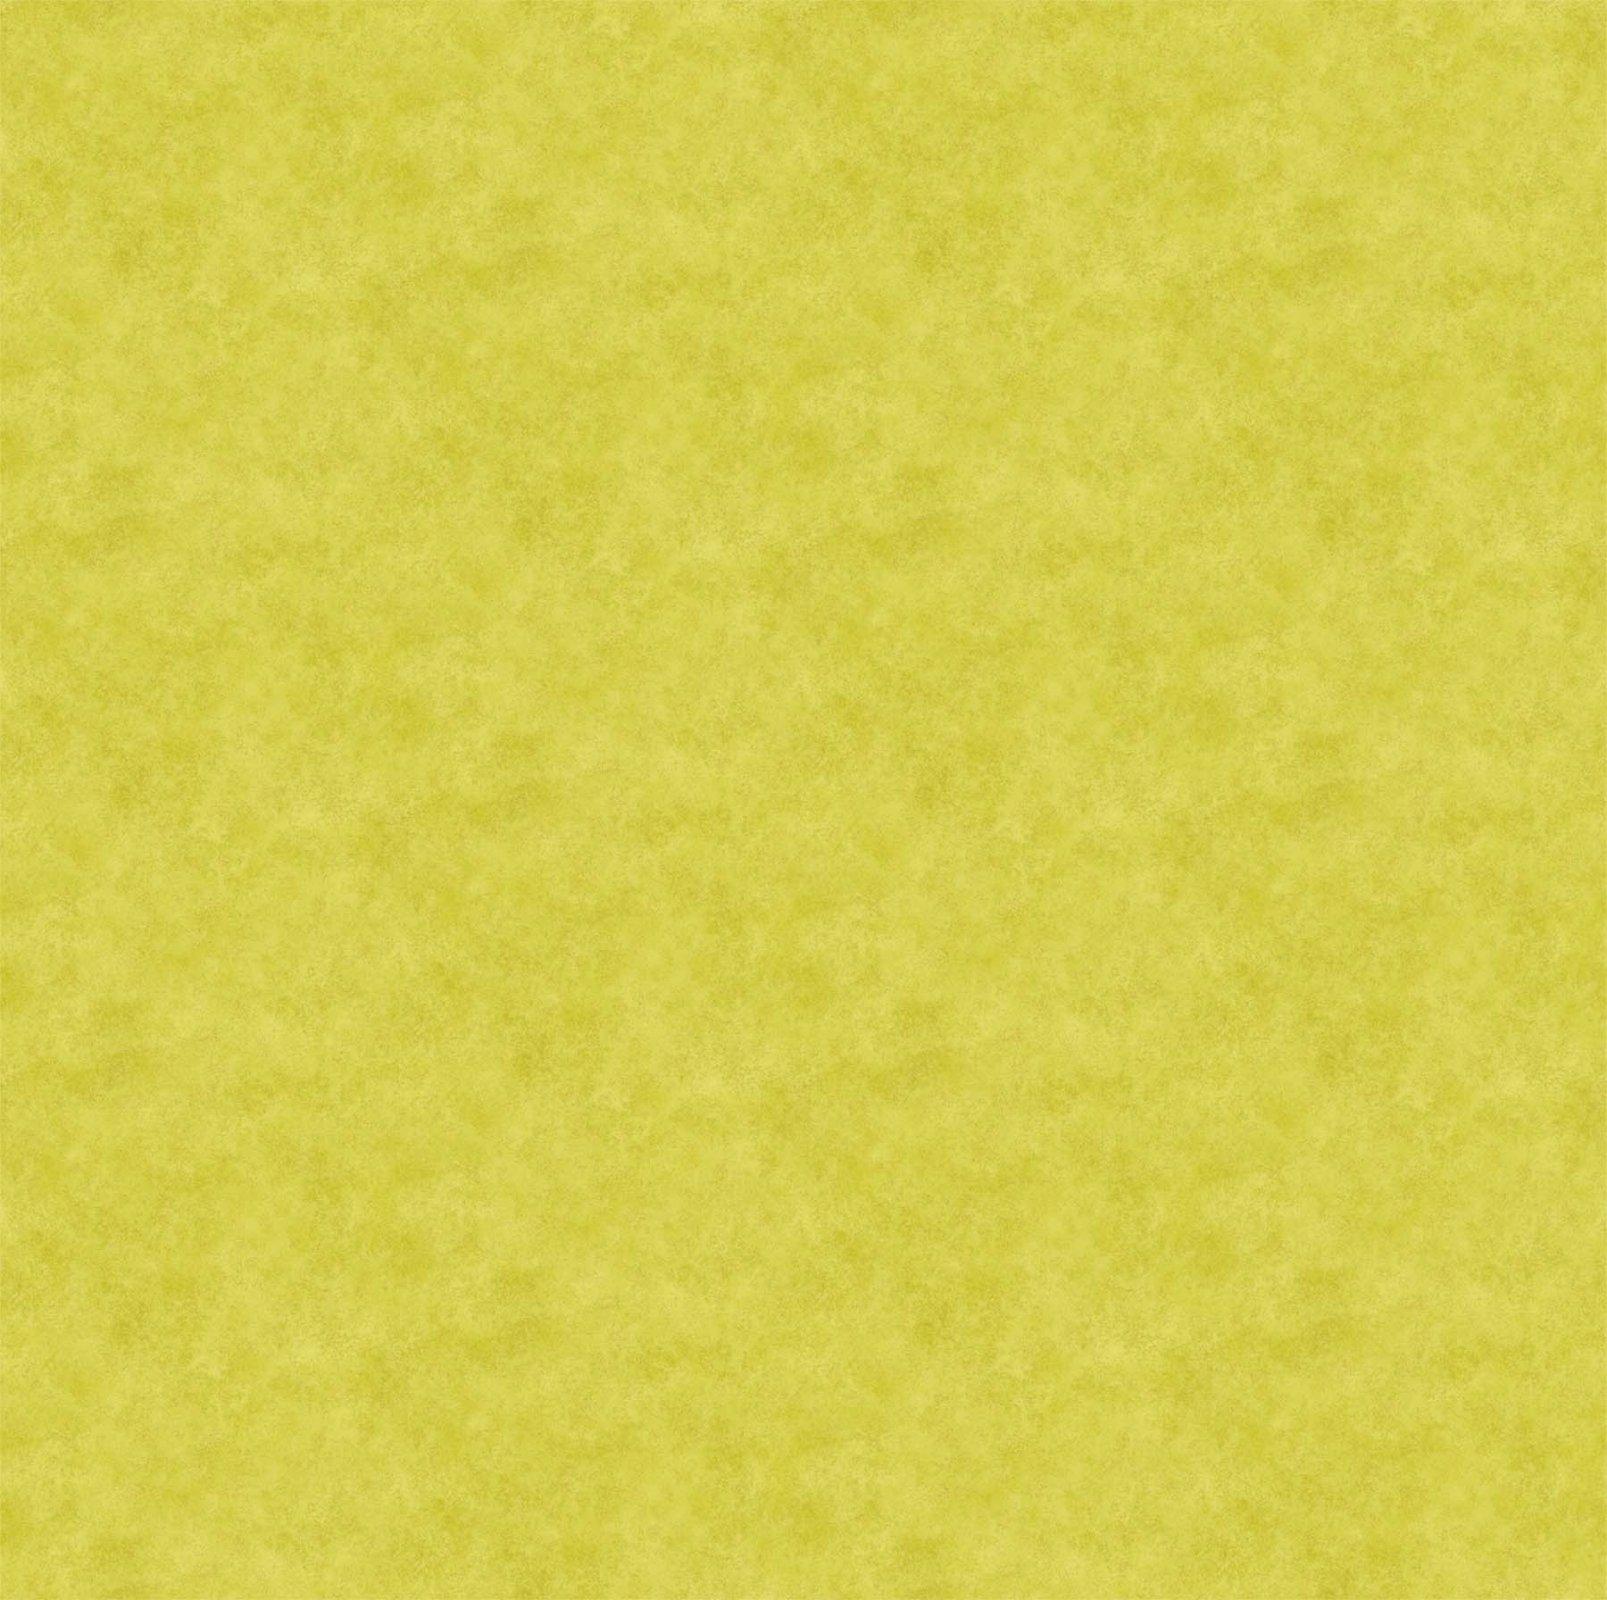 Shimmer - Radiance - Limelight